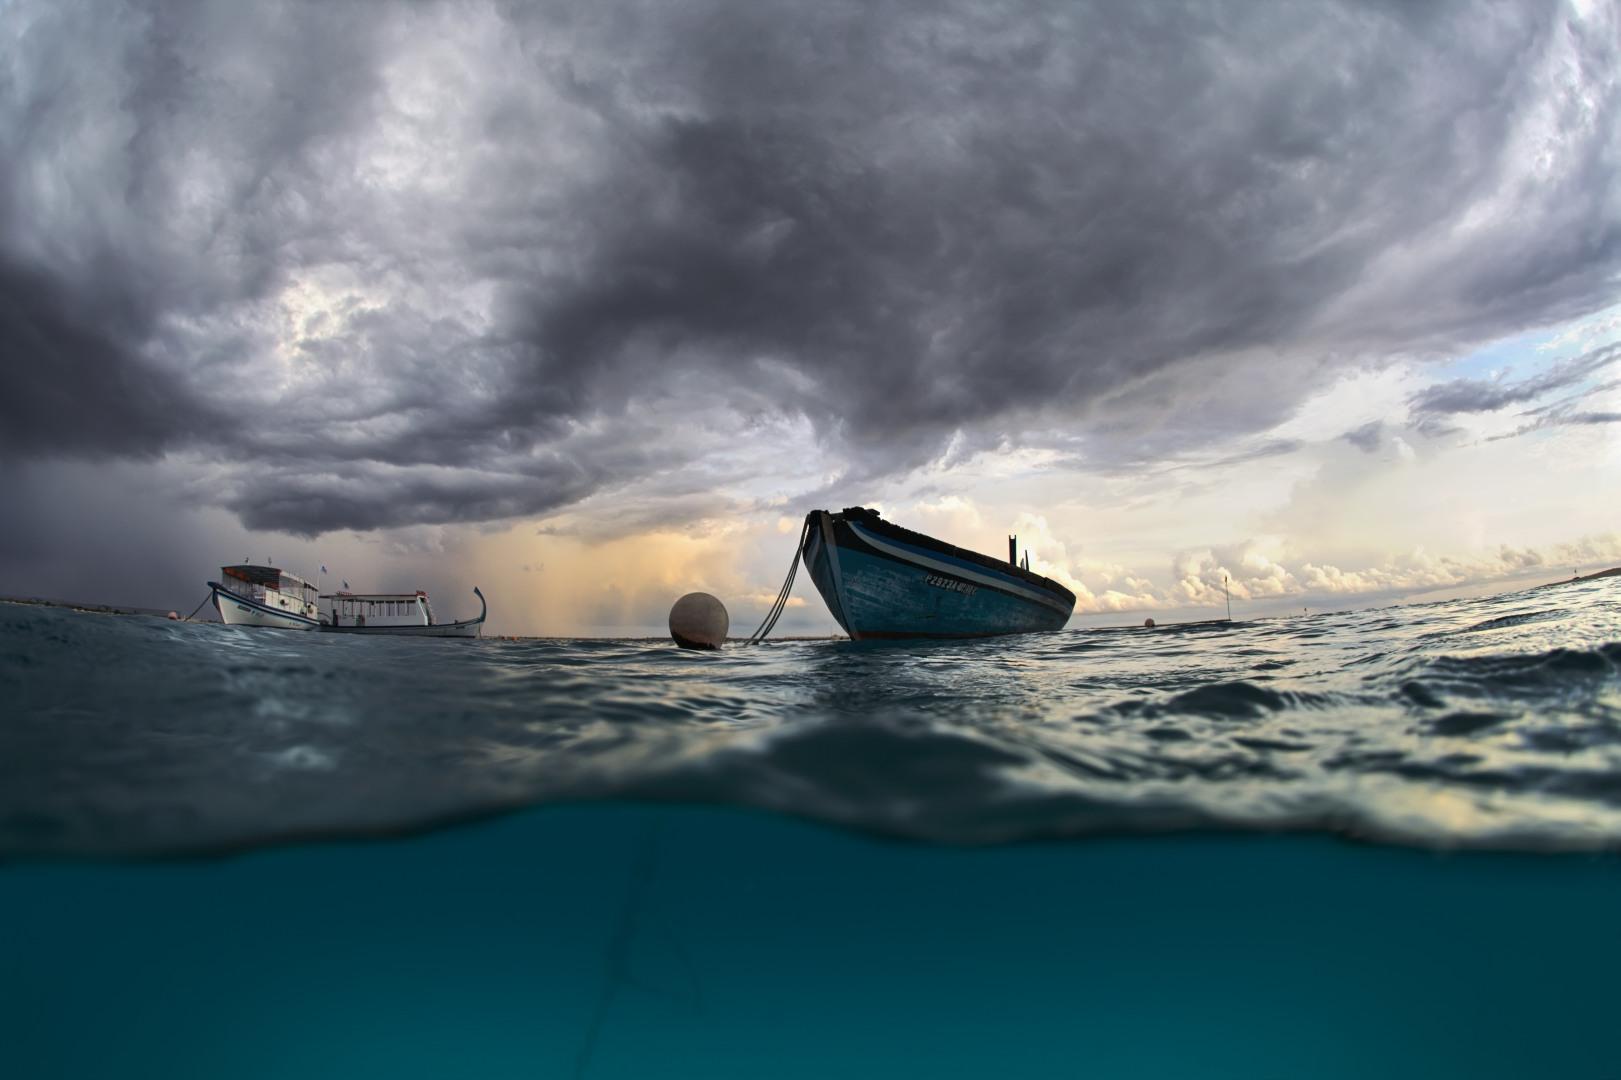 Сон, в котором вы идете либо готовитесь к походу на веслах, это сон о борьбе с обстоятельствами.